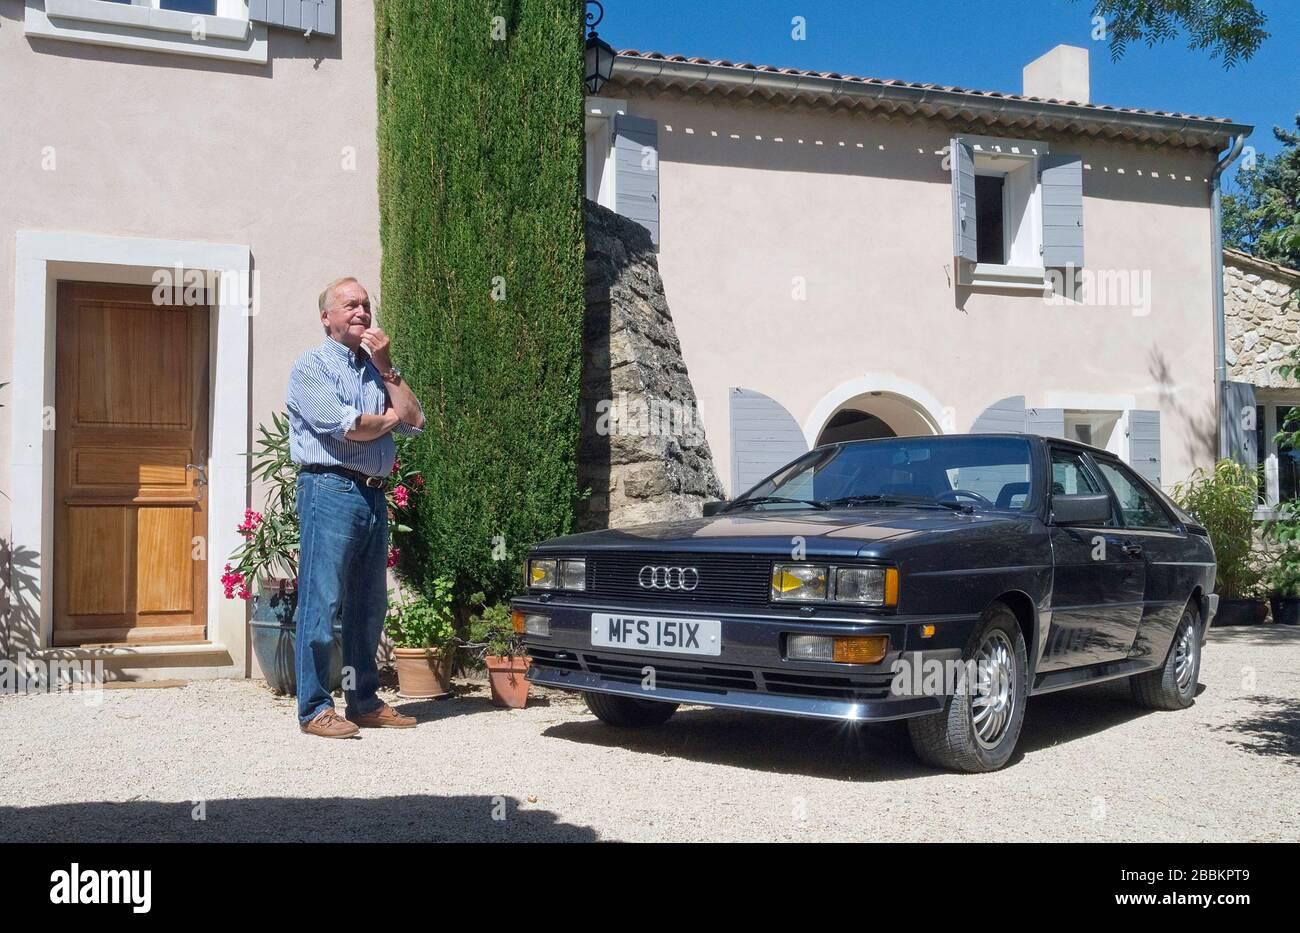 Martin Smith, créateur de voitures Audi Quattro, avec la voiture Audi Quattro coupé de 1982 chez lui en Provence France Banque D'Images